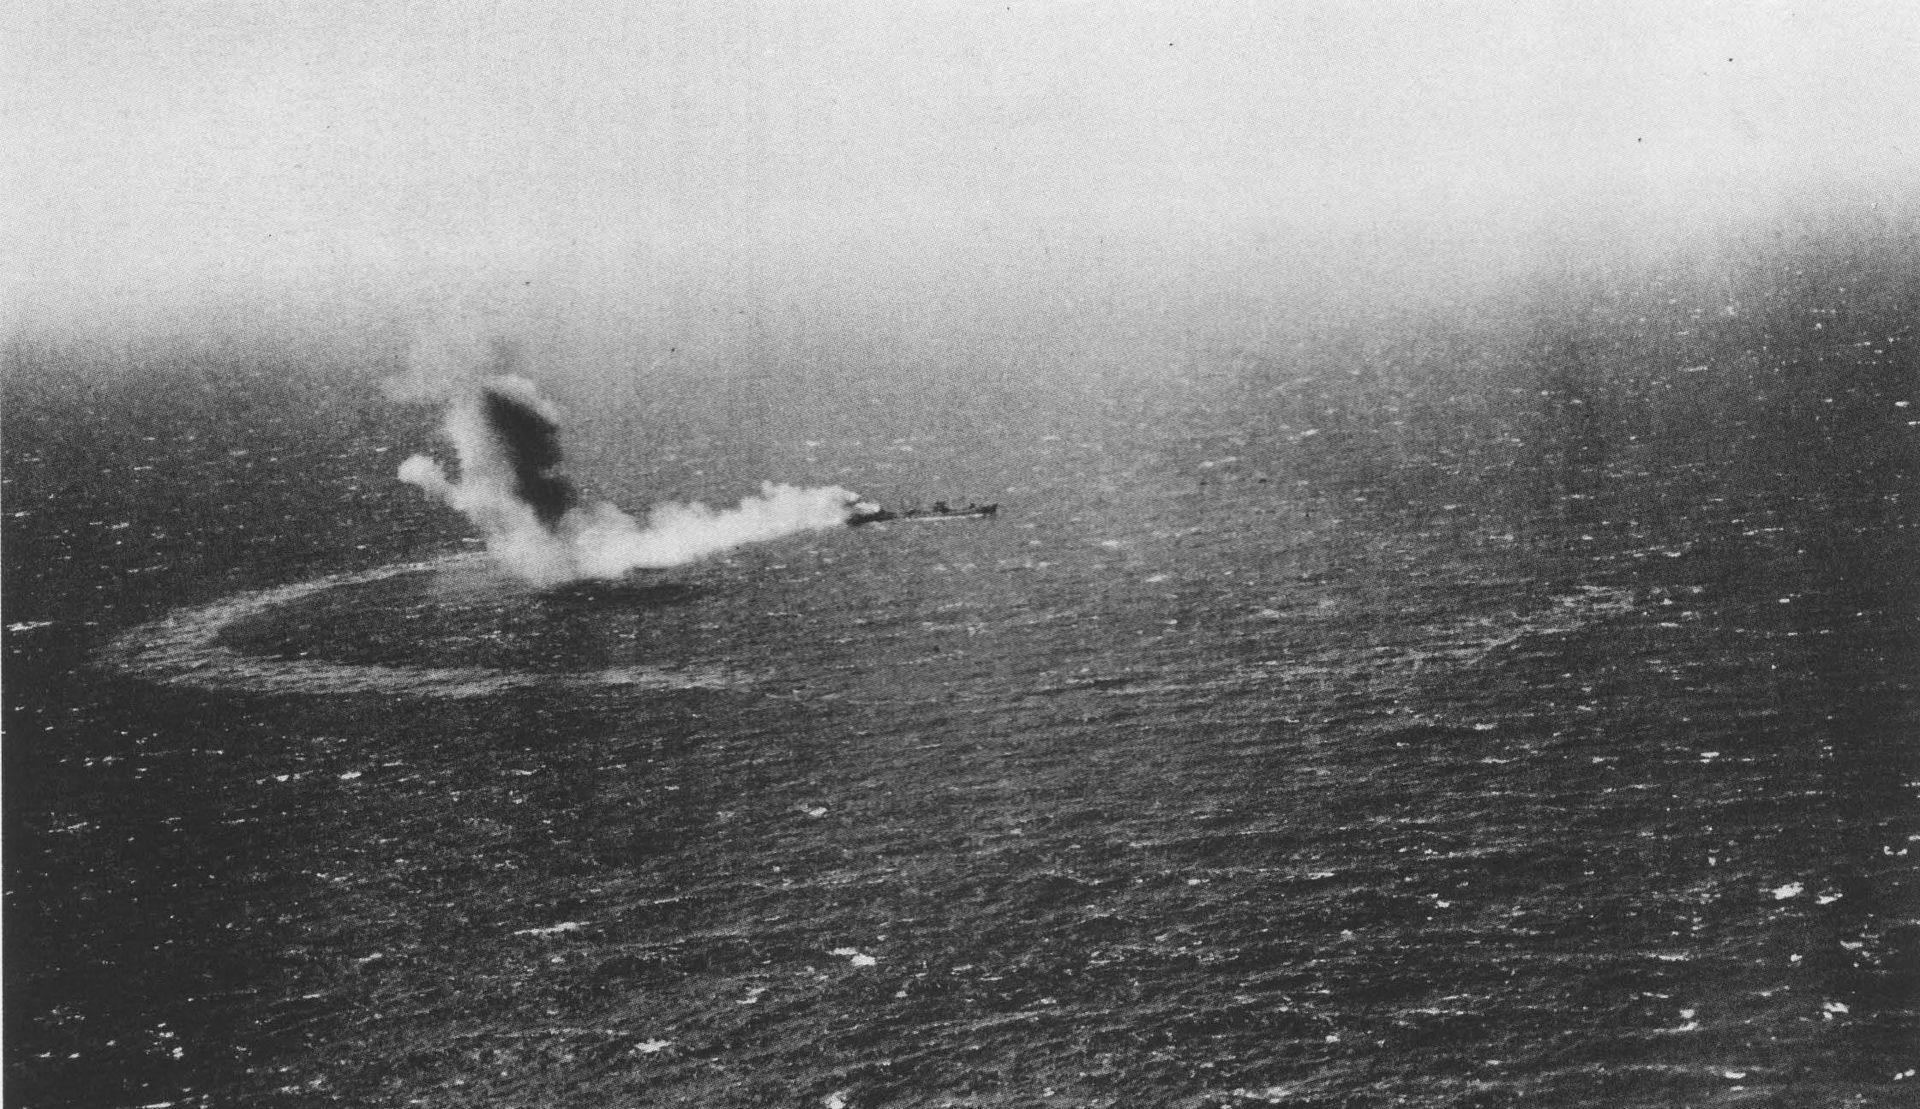 L'USS Neosho en feu qui coule lentement à la suite de l'attaque japonaise